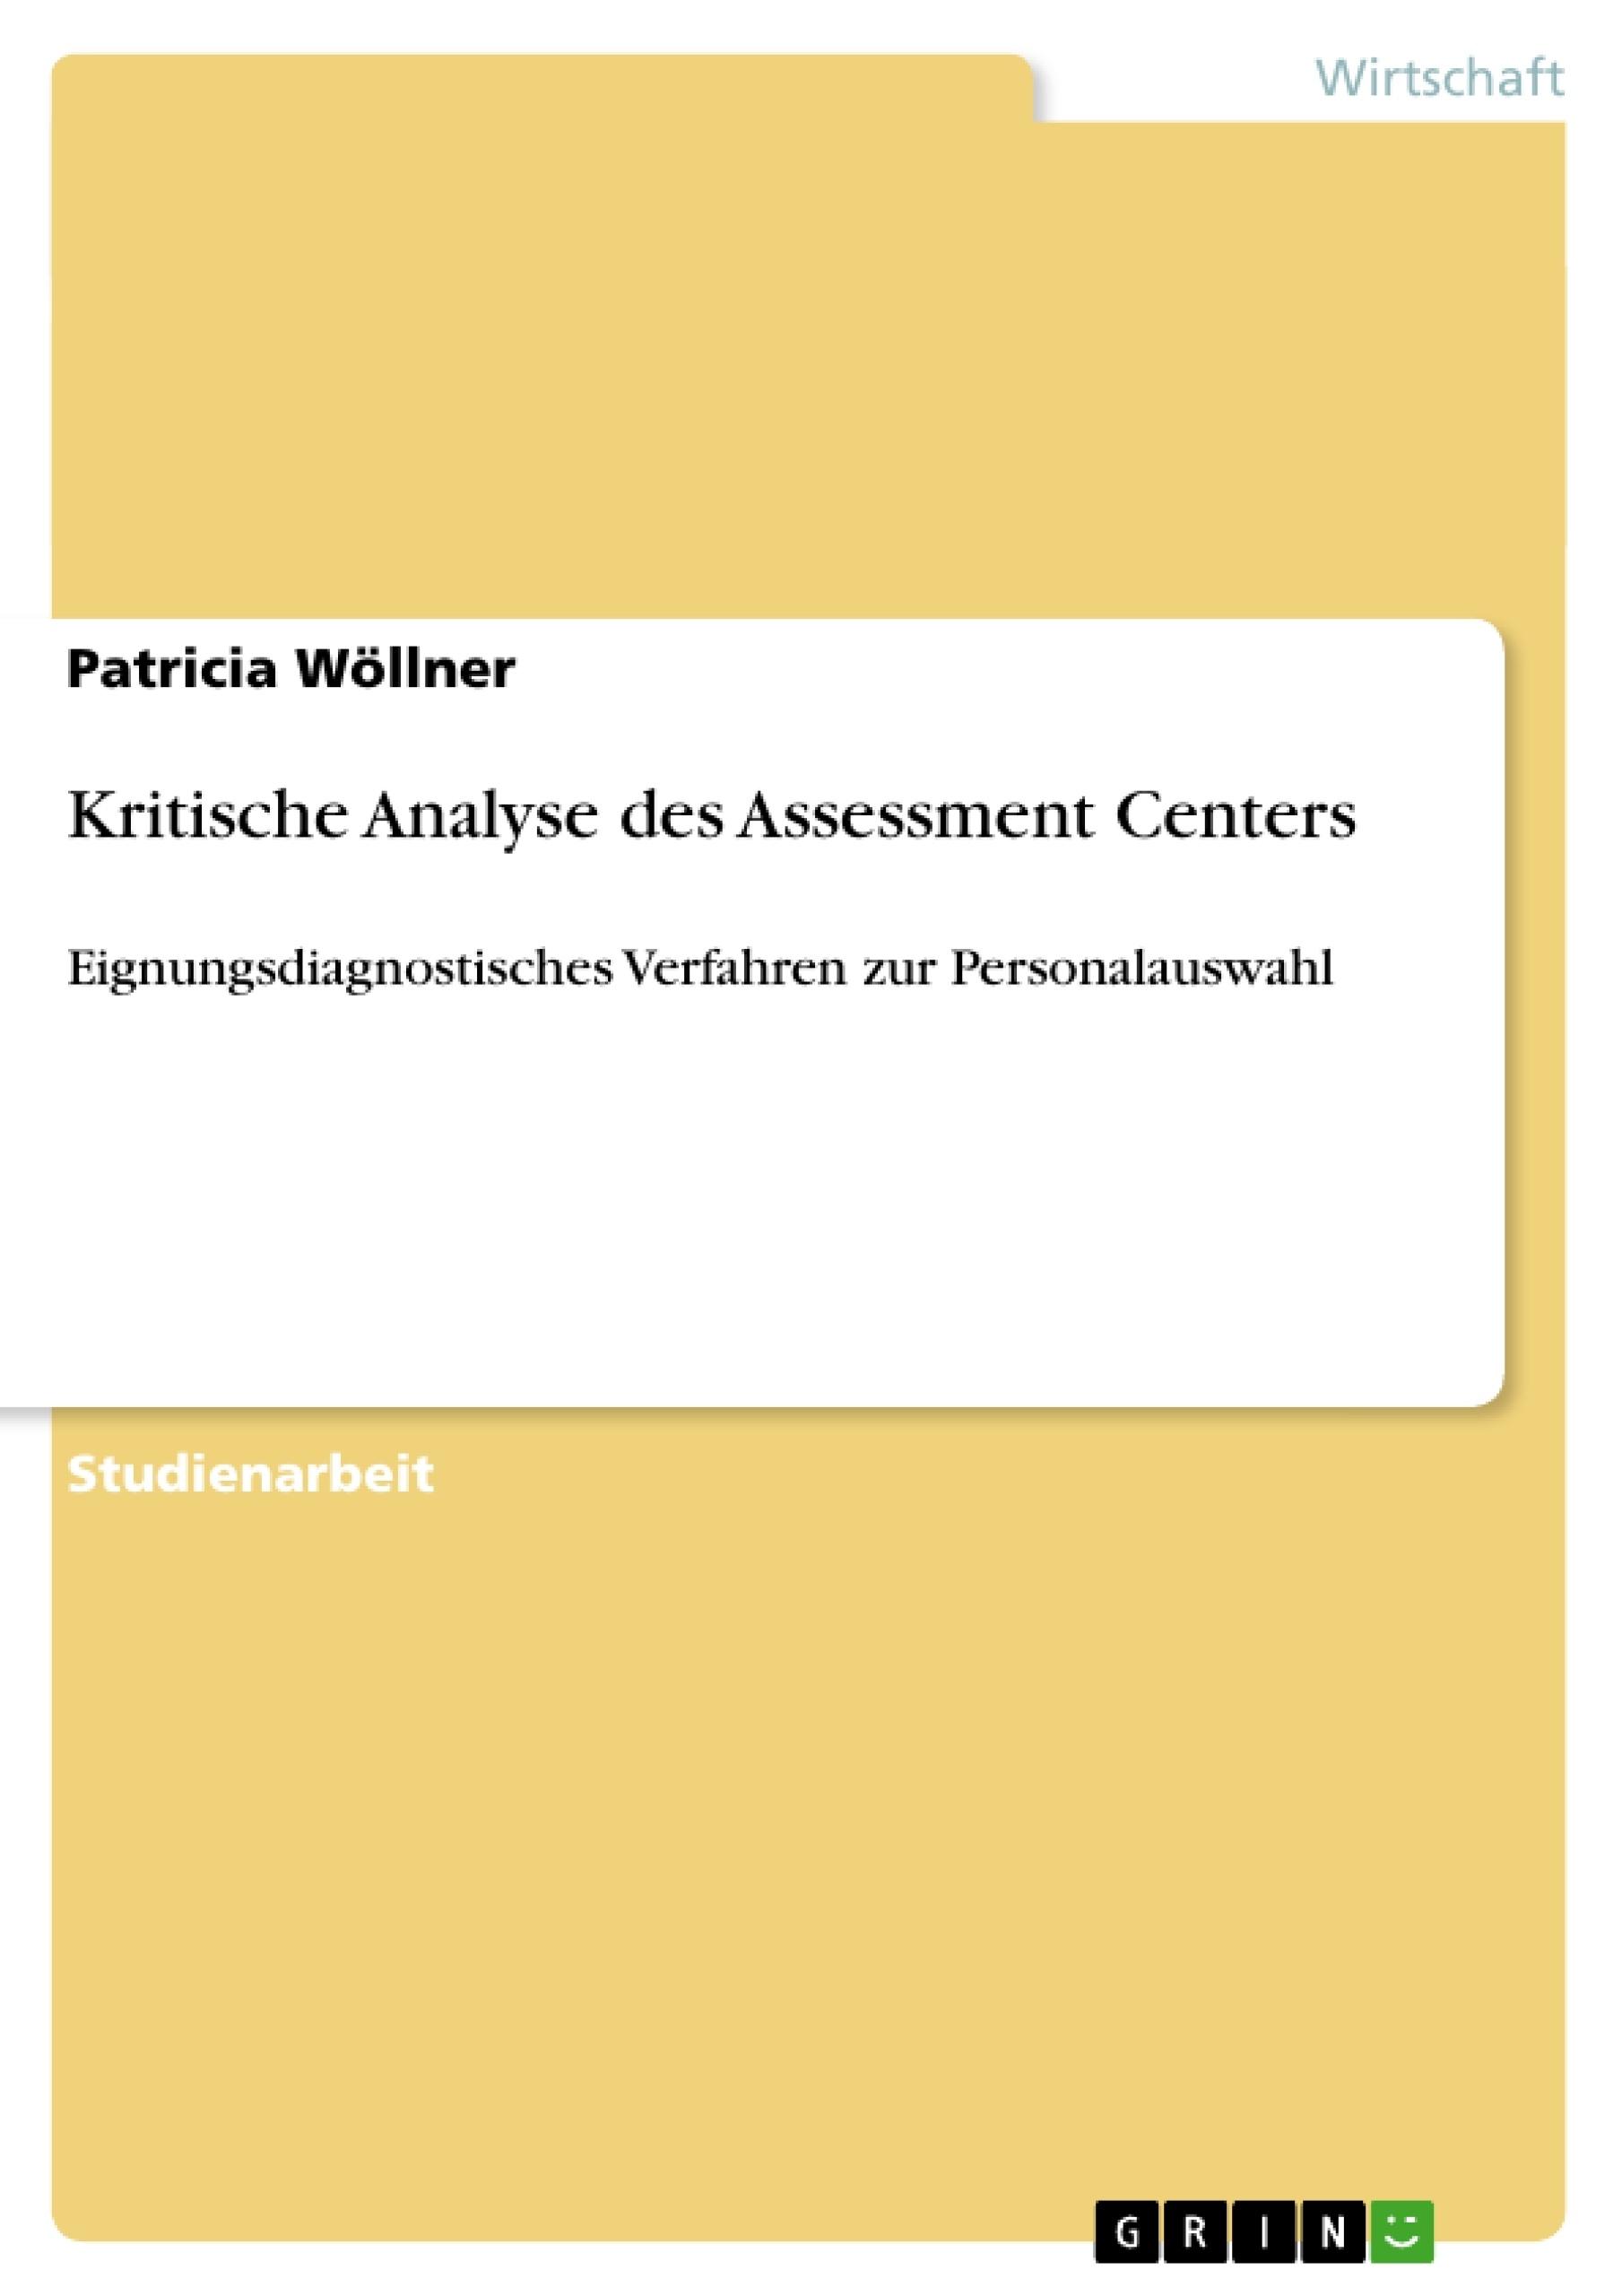 Titel: Kritische Analyse des Assessment Centers